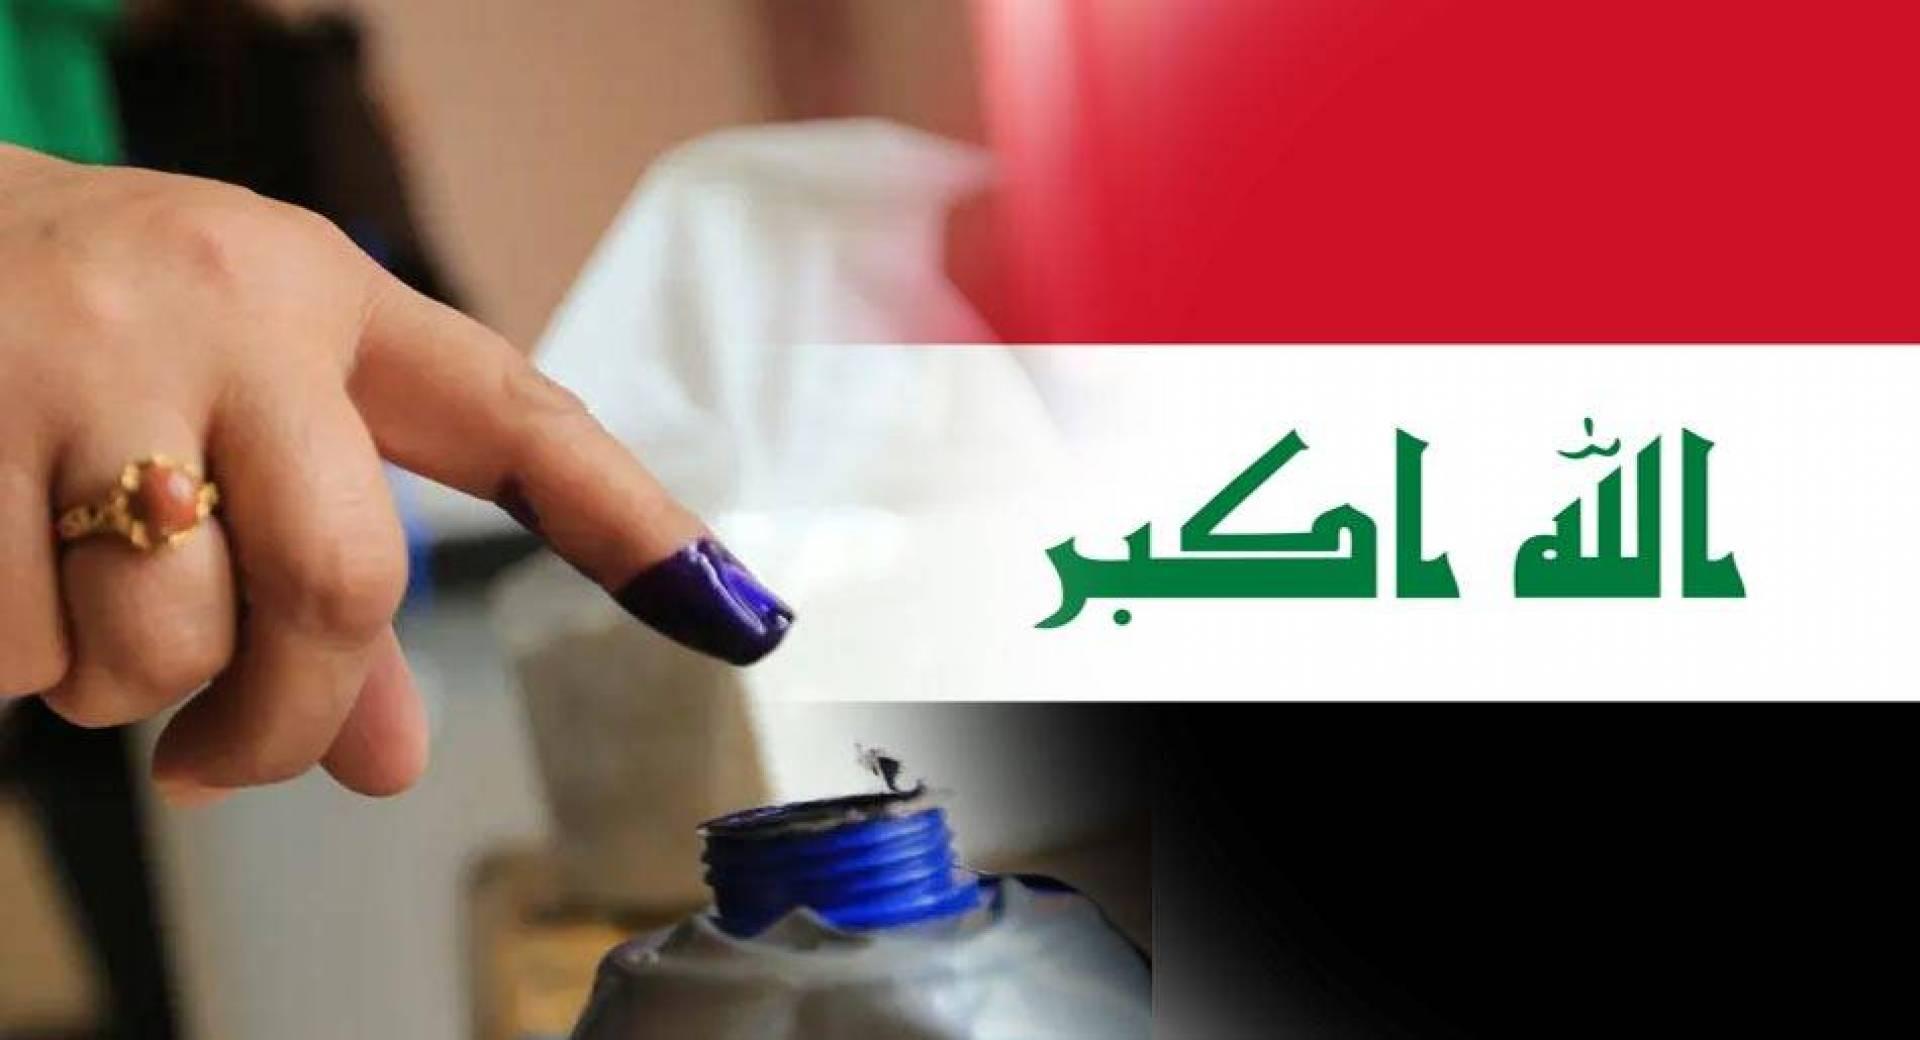 انتخابات العراق.. تحدّيات قانونية وأمنية